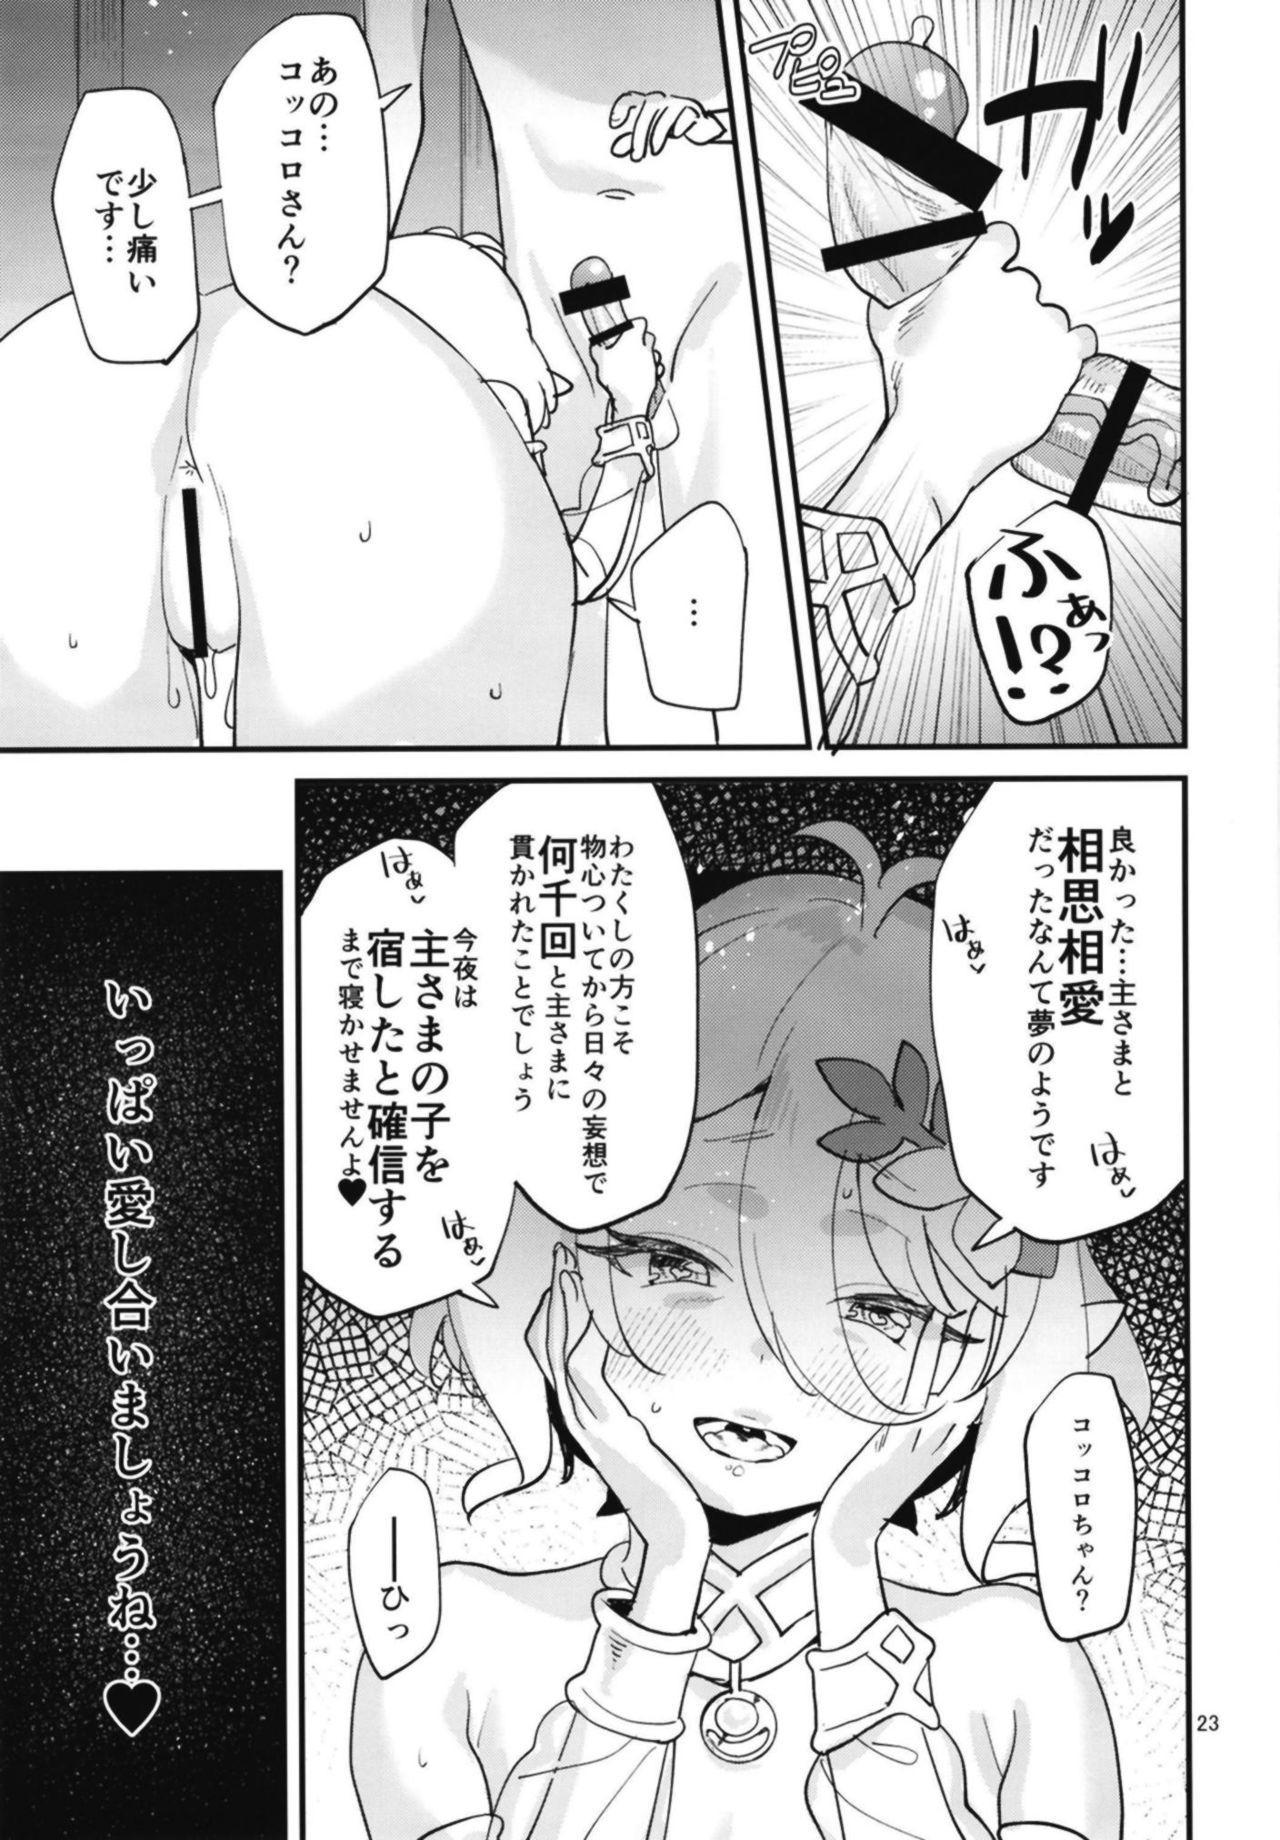 Kokkoro-chan o Ecchi na Me de Minaide Kudasai!! 22